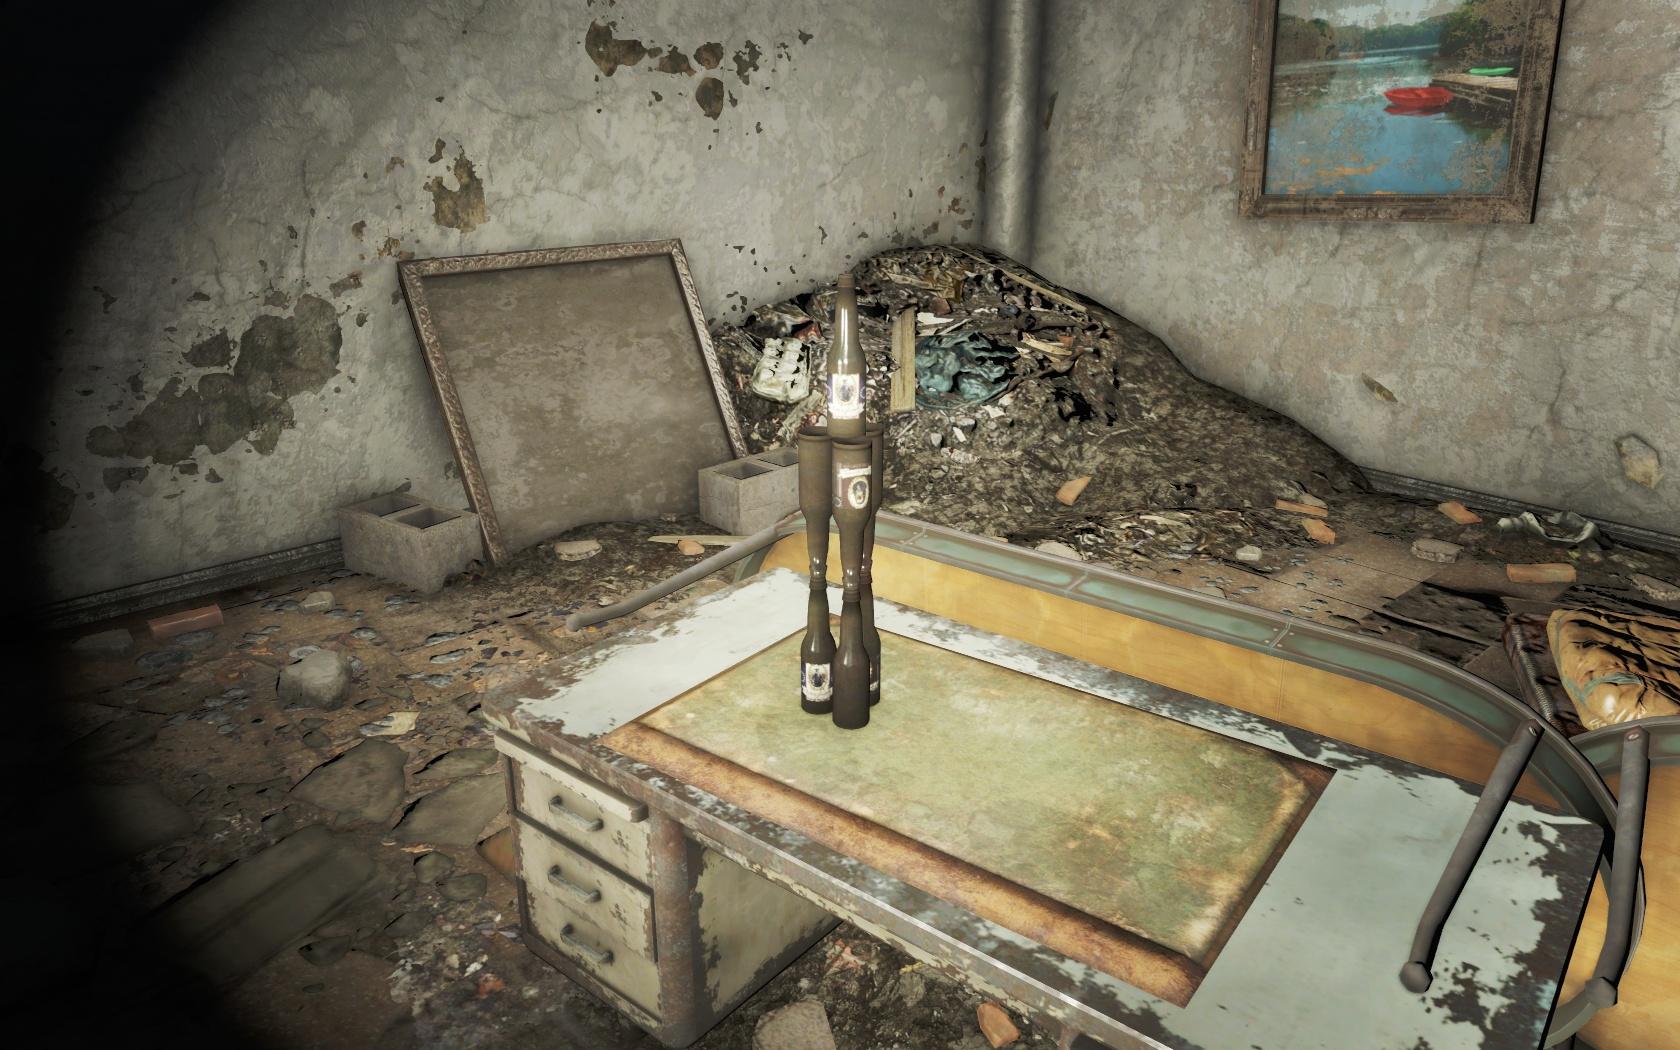 Креатив (Политехническая школа Центрального Бостона) - Fallout 4 Бостон, Бутылка, Политехническая школа Центрального Бостона, Центральный Бостон, школа